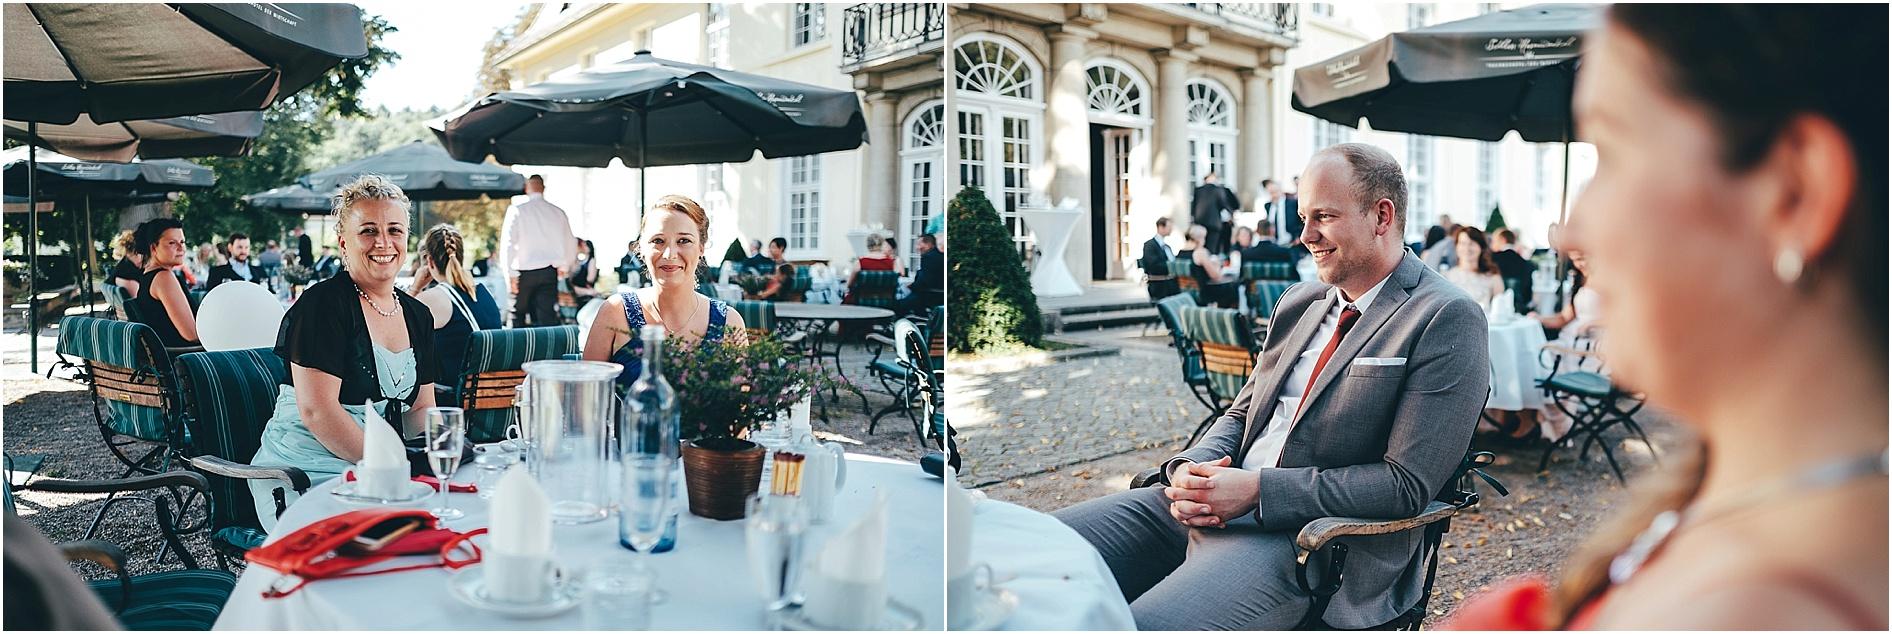 2017-01-17_0063 Sarah & Basti - Hochzeit auf Schloss Hasenwinkel